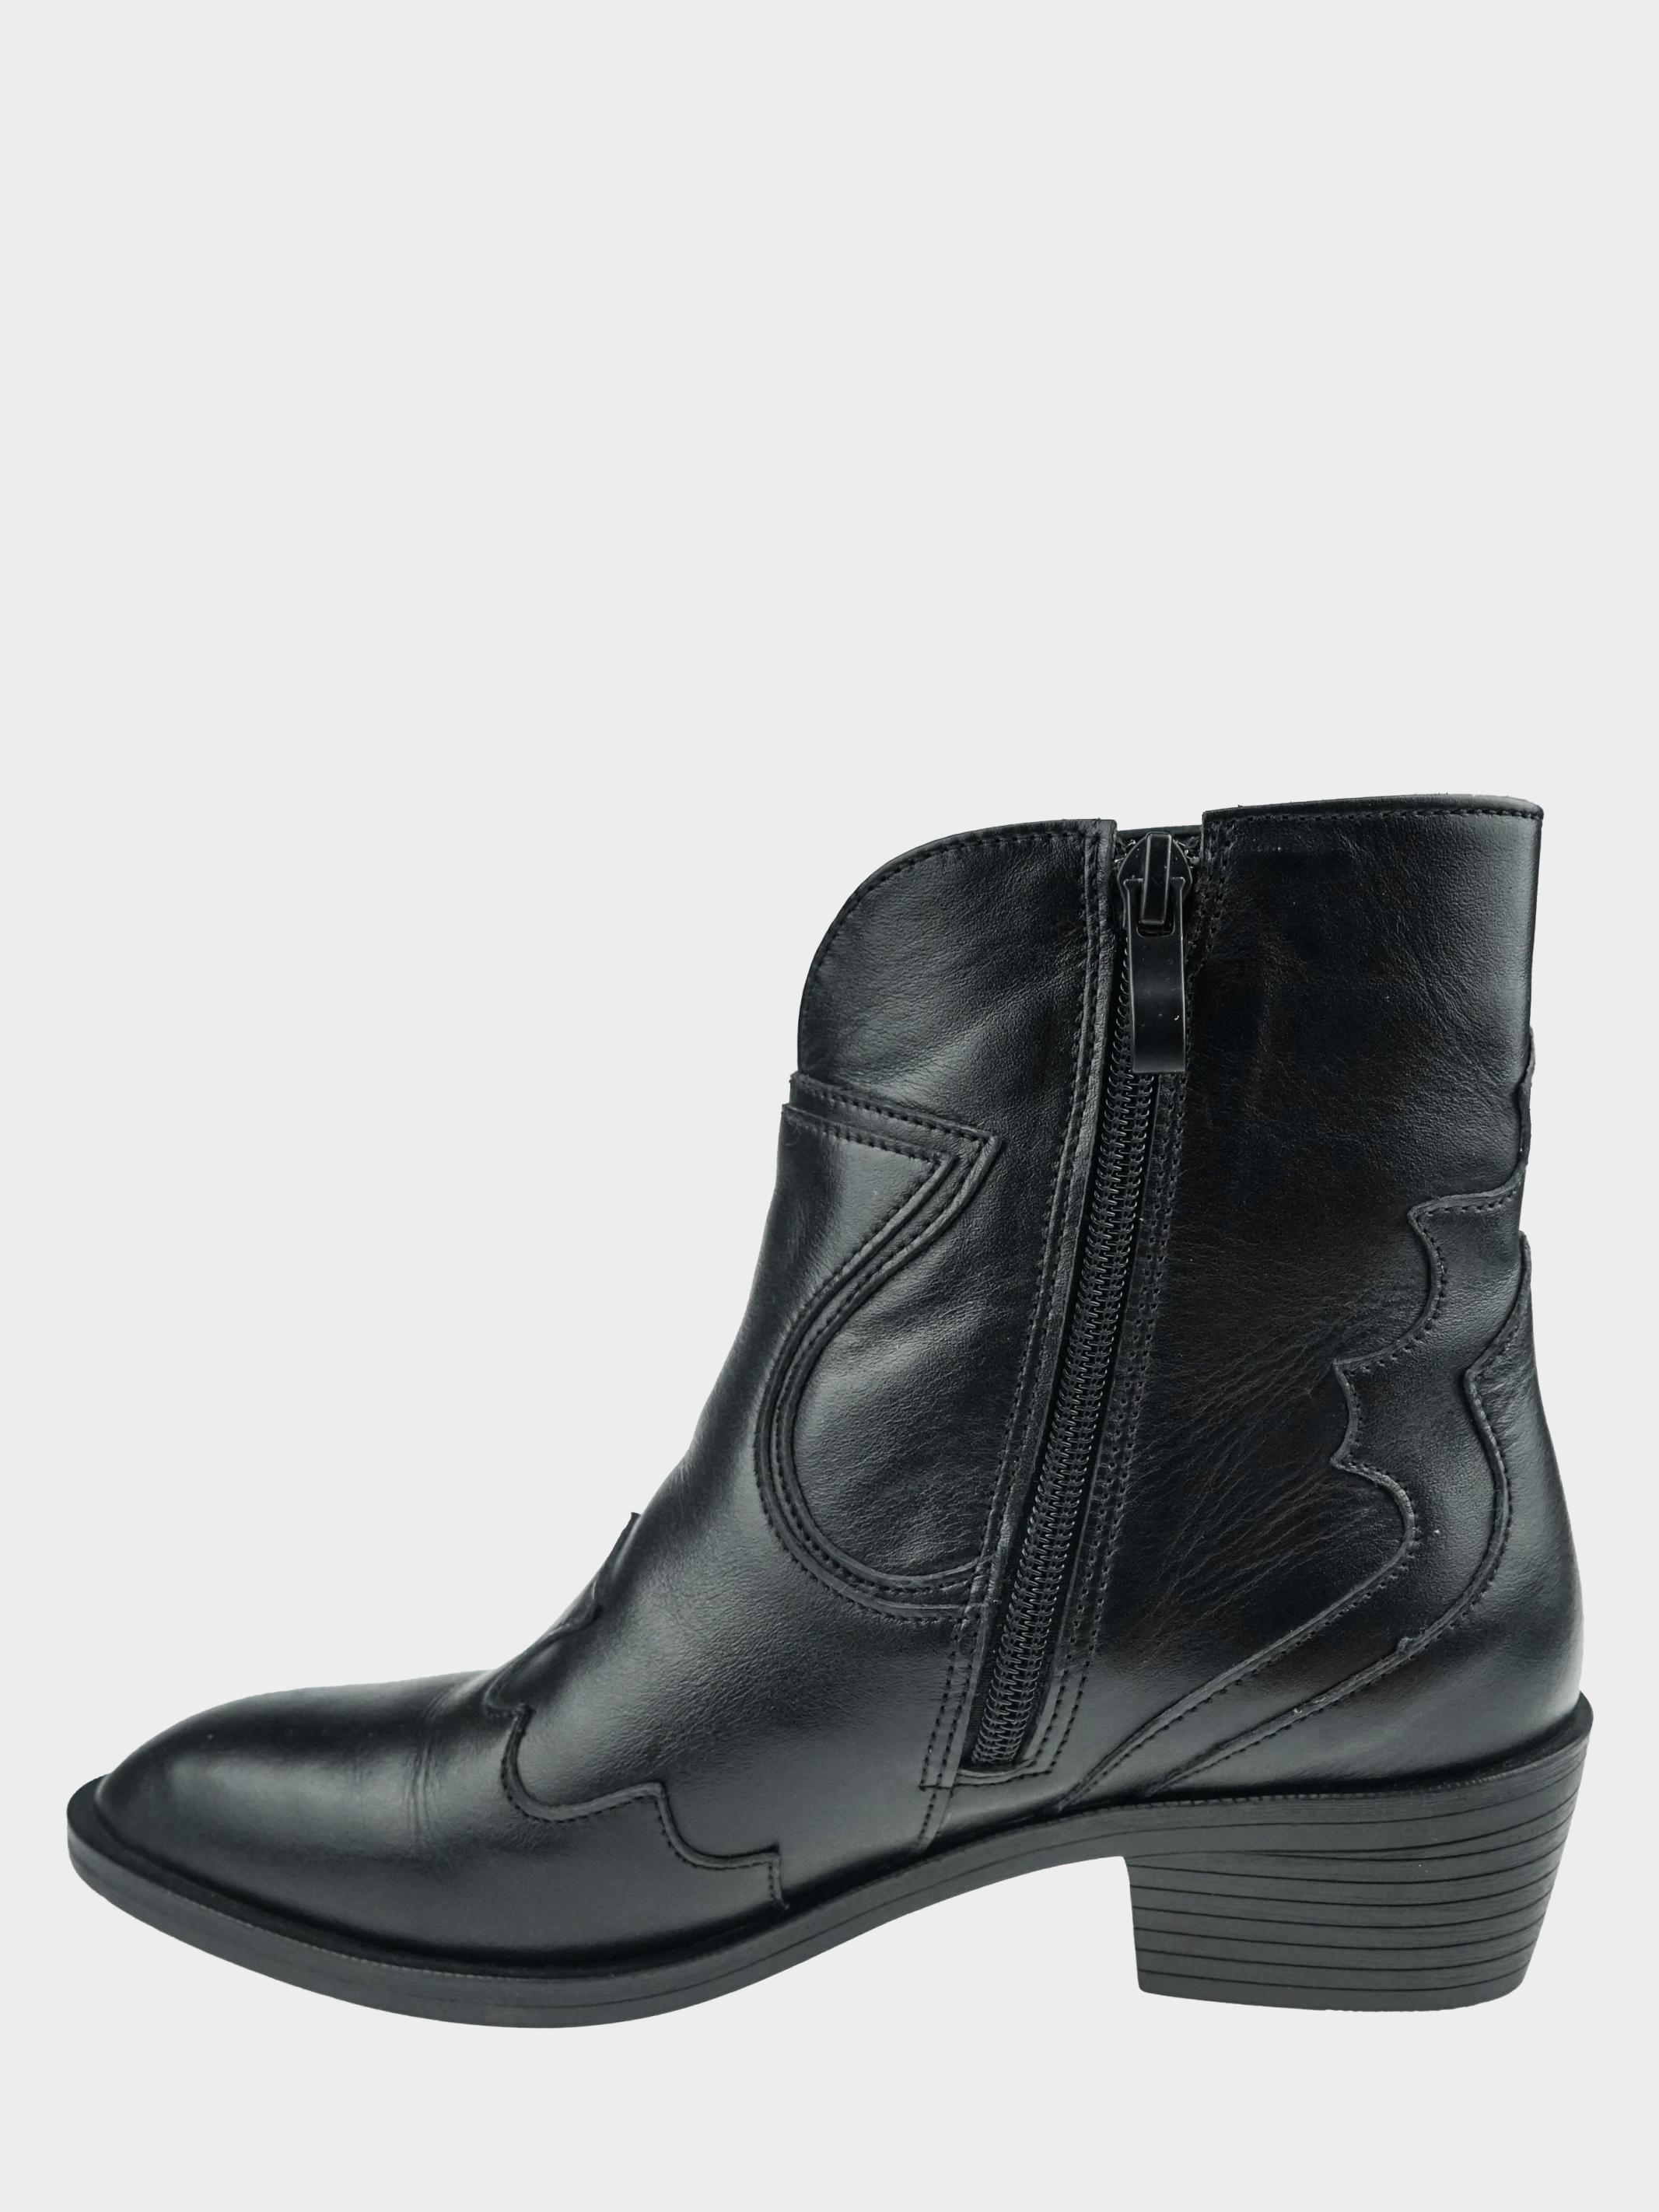 Ботинки женские Казаки Lo1524-01 Lo1524-01 купить обувь, 2017